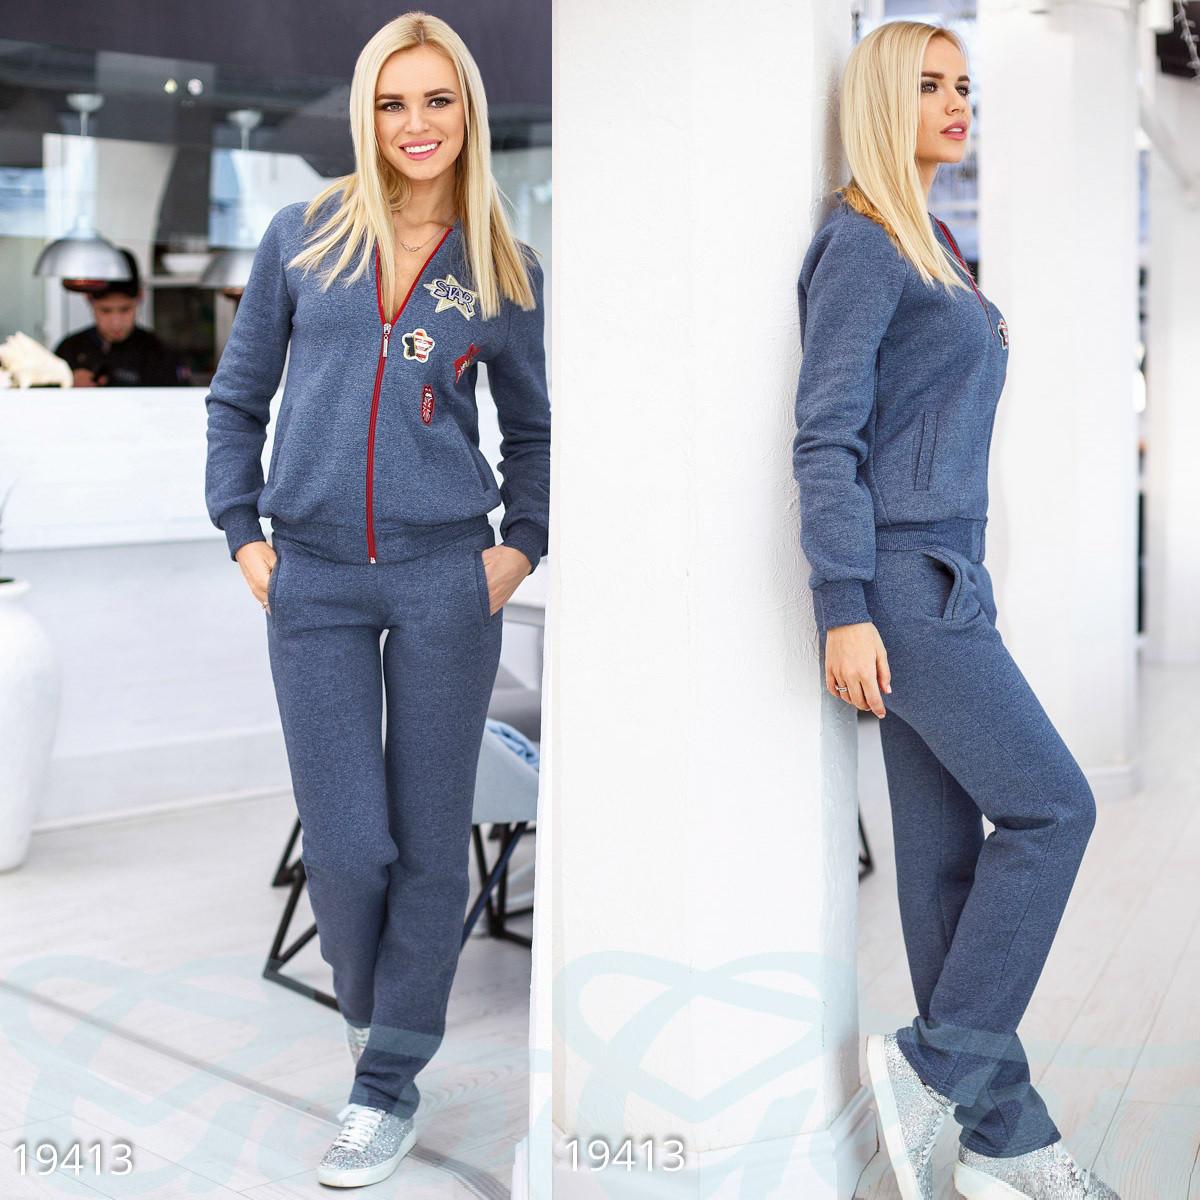 8ead320a Утепленный женский спортивный костюм G 19413 - Интернет-магазин Леди-лайн в  Харькове